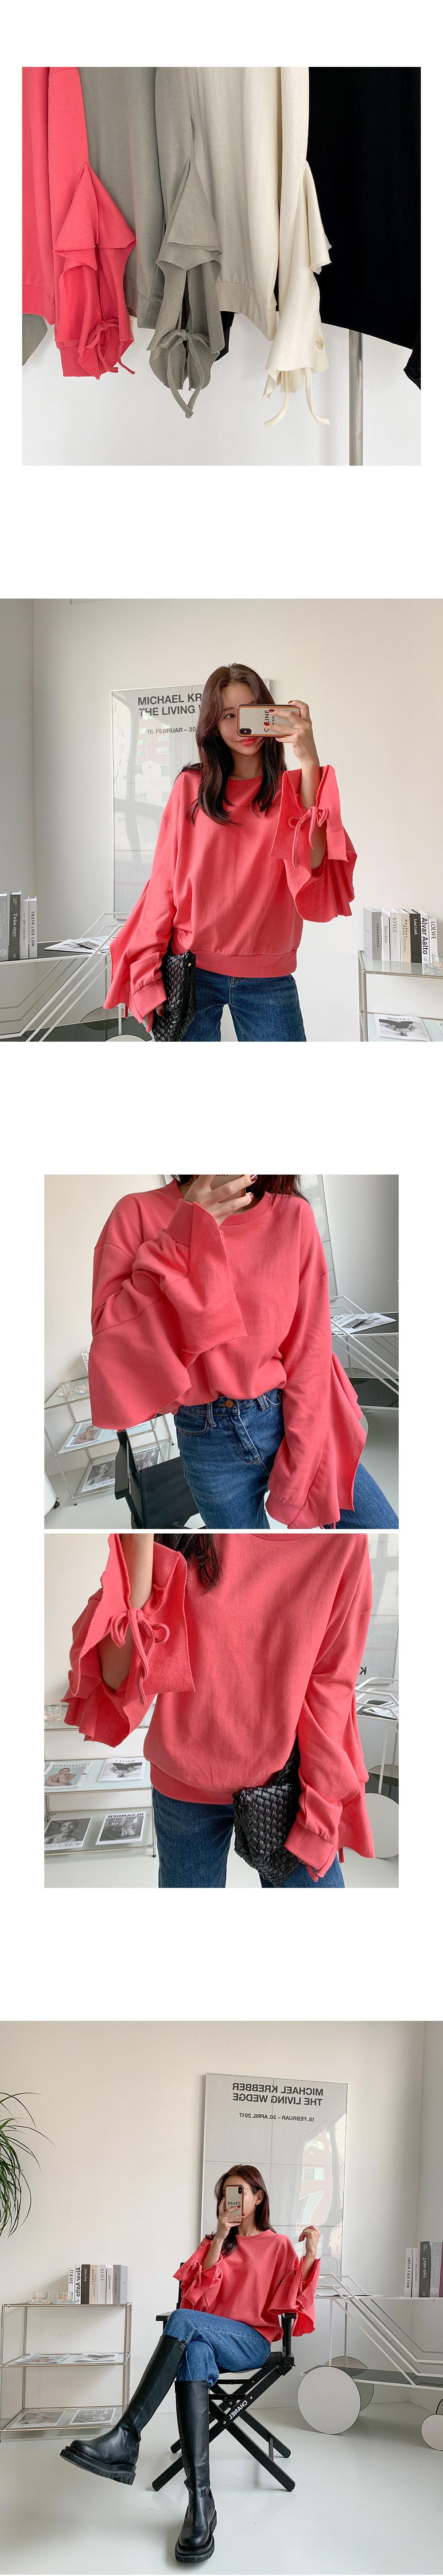 드레스 모델 착용 이미지-S2L3